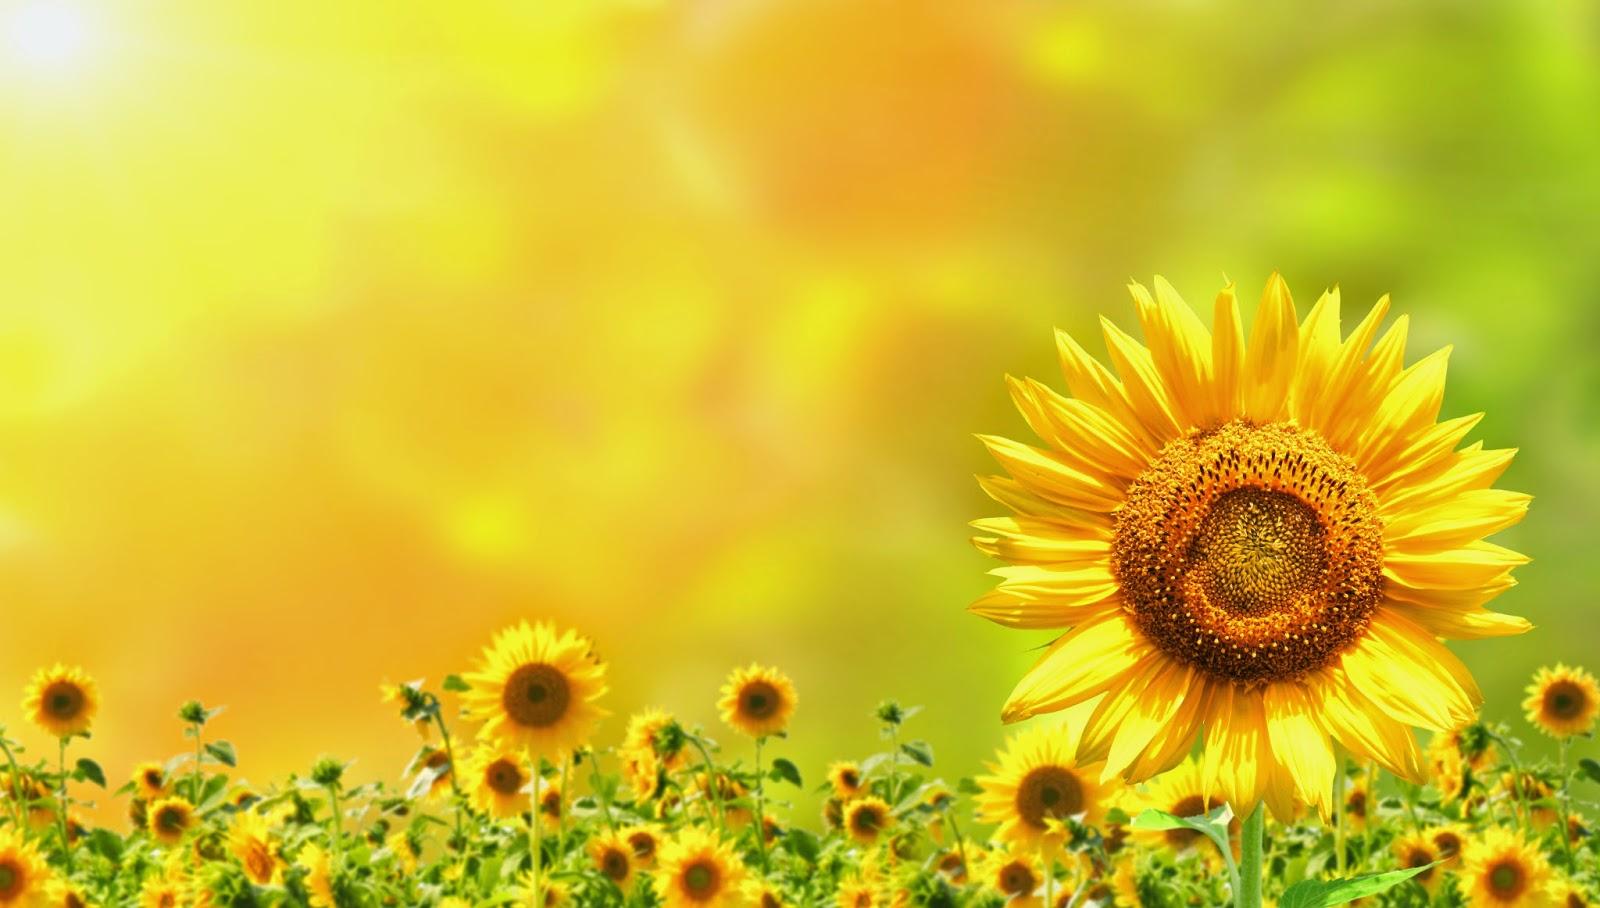 Fondos De Pantalla De Flores Hermosas Para Fondo Celular: Imágenes De Flores Bonitas Para Fondo De Pantalla